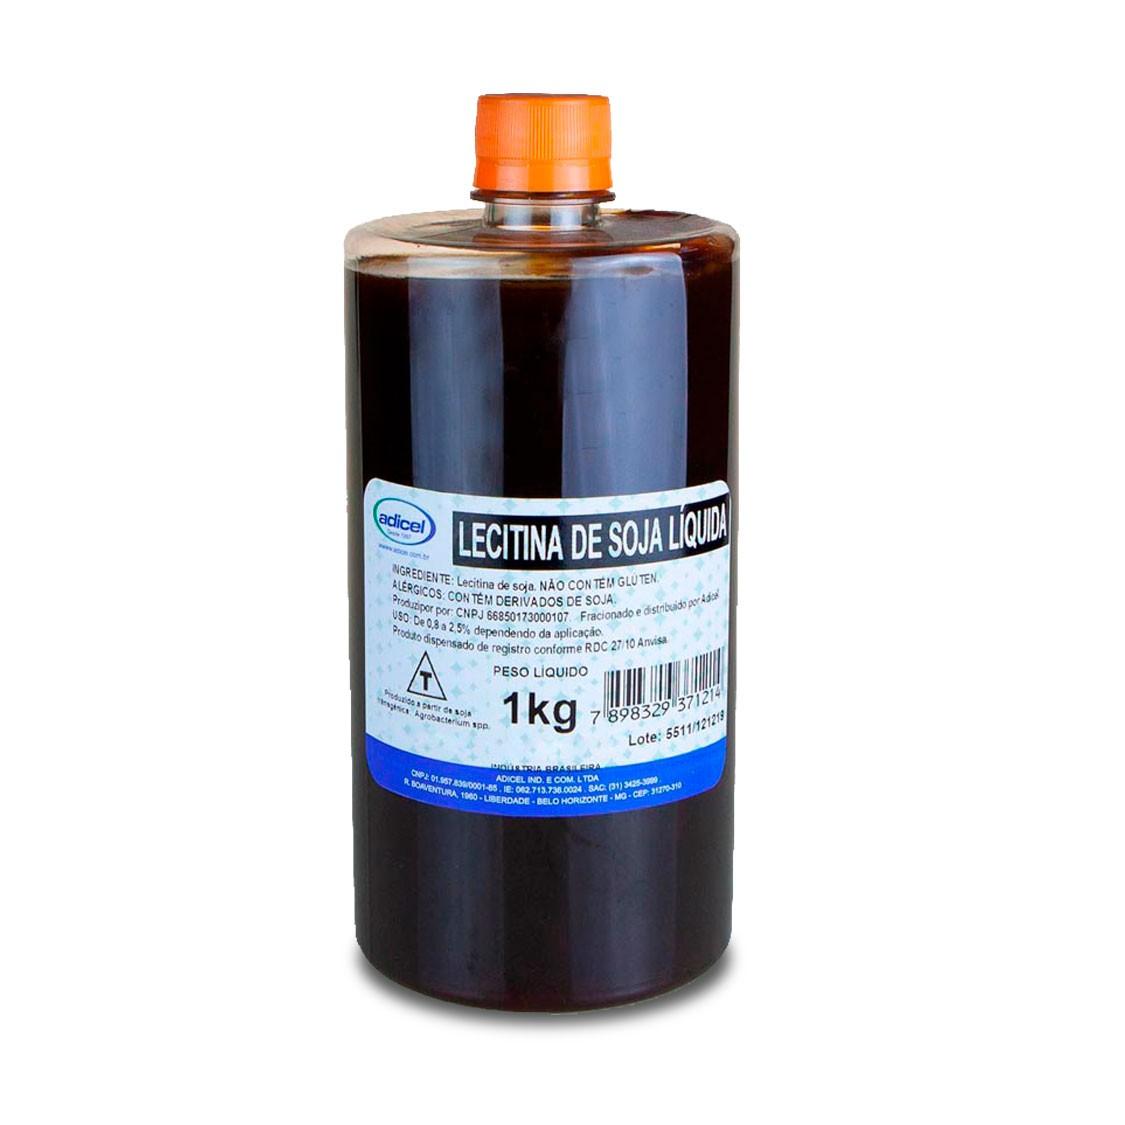 Lecitina De Soja Líquida - 1 kg